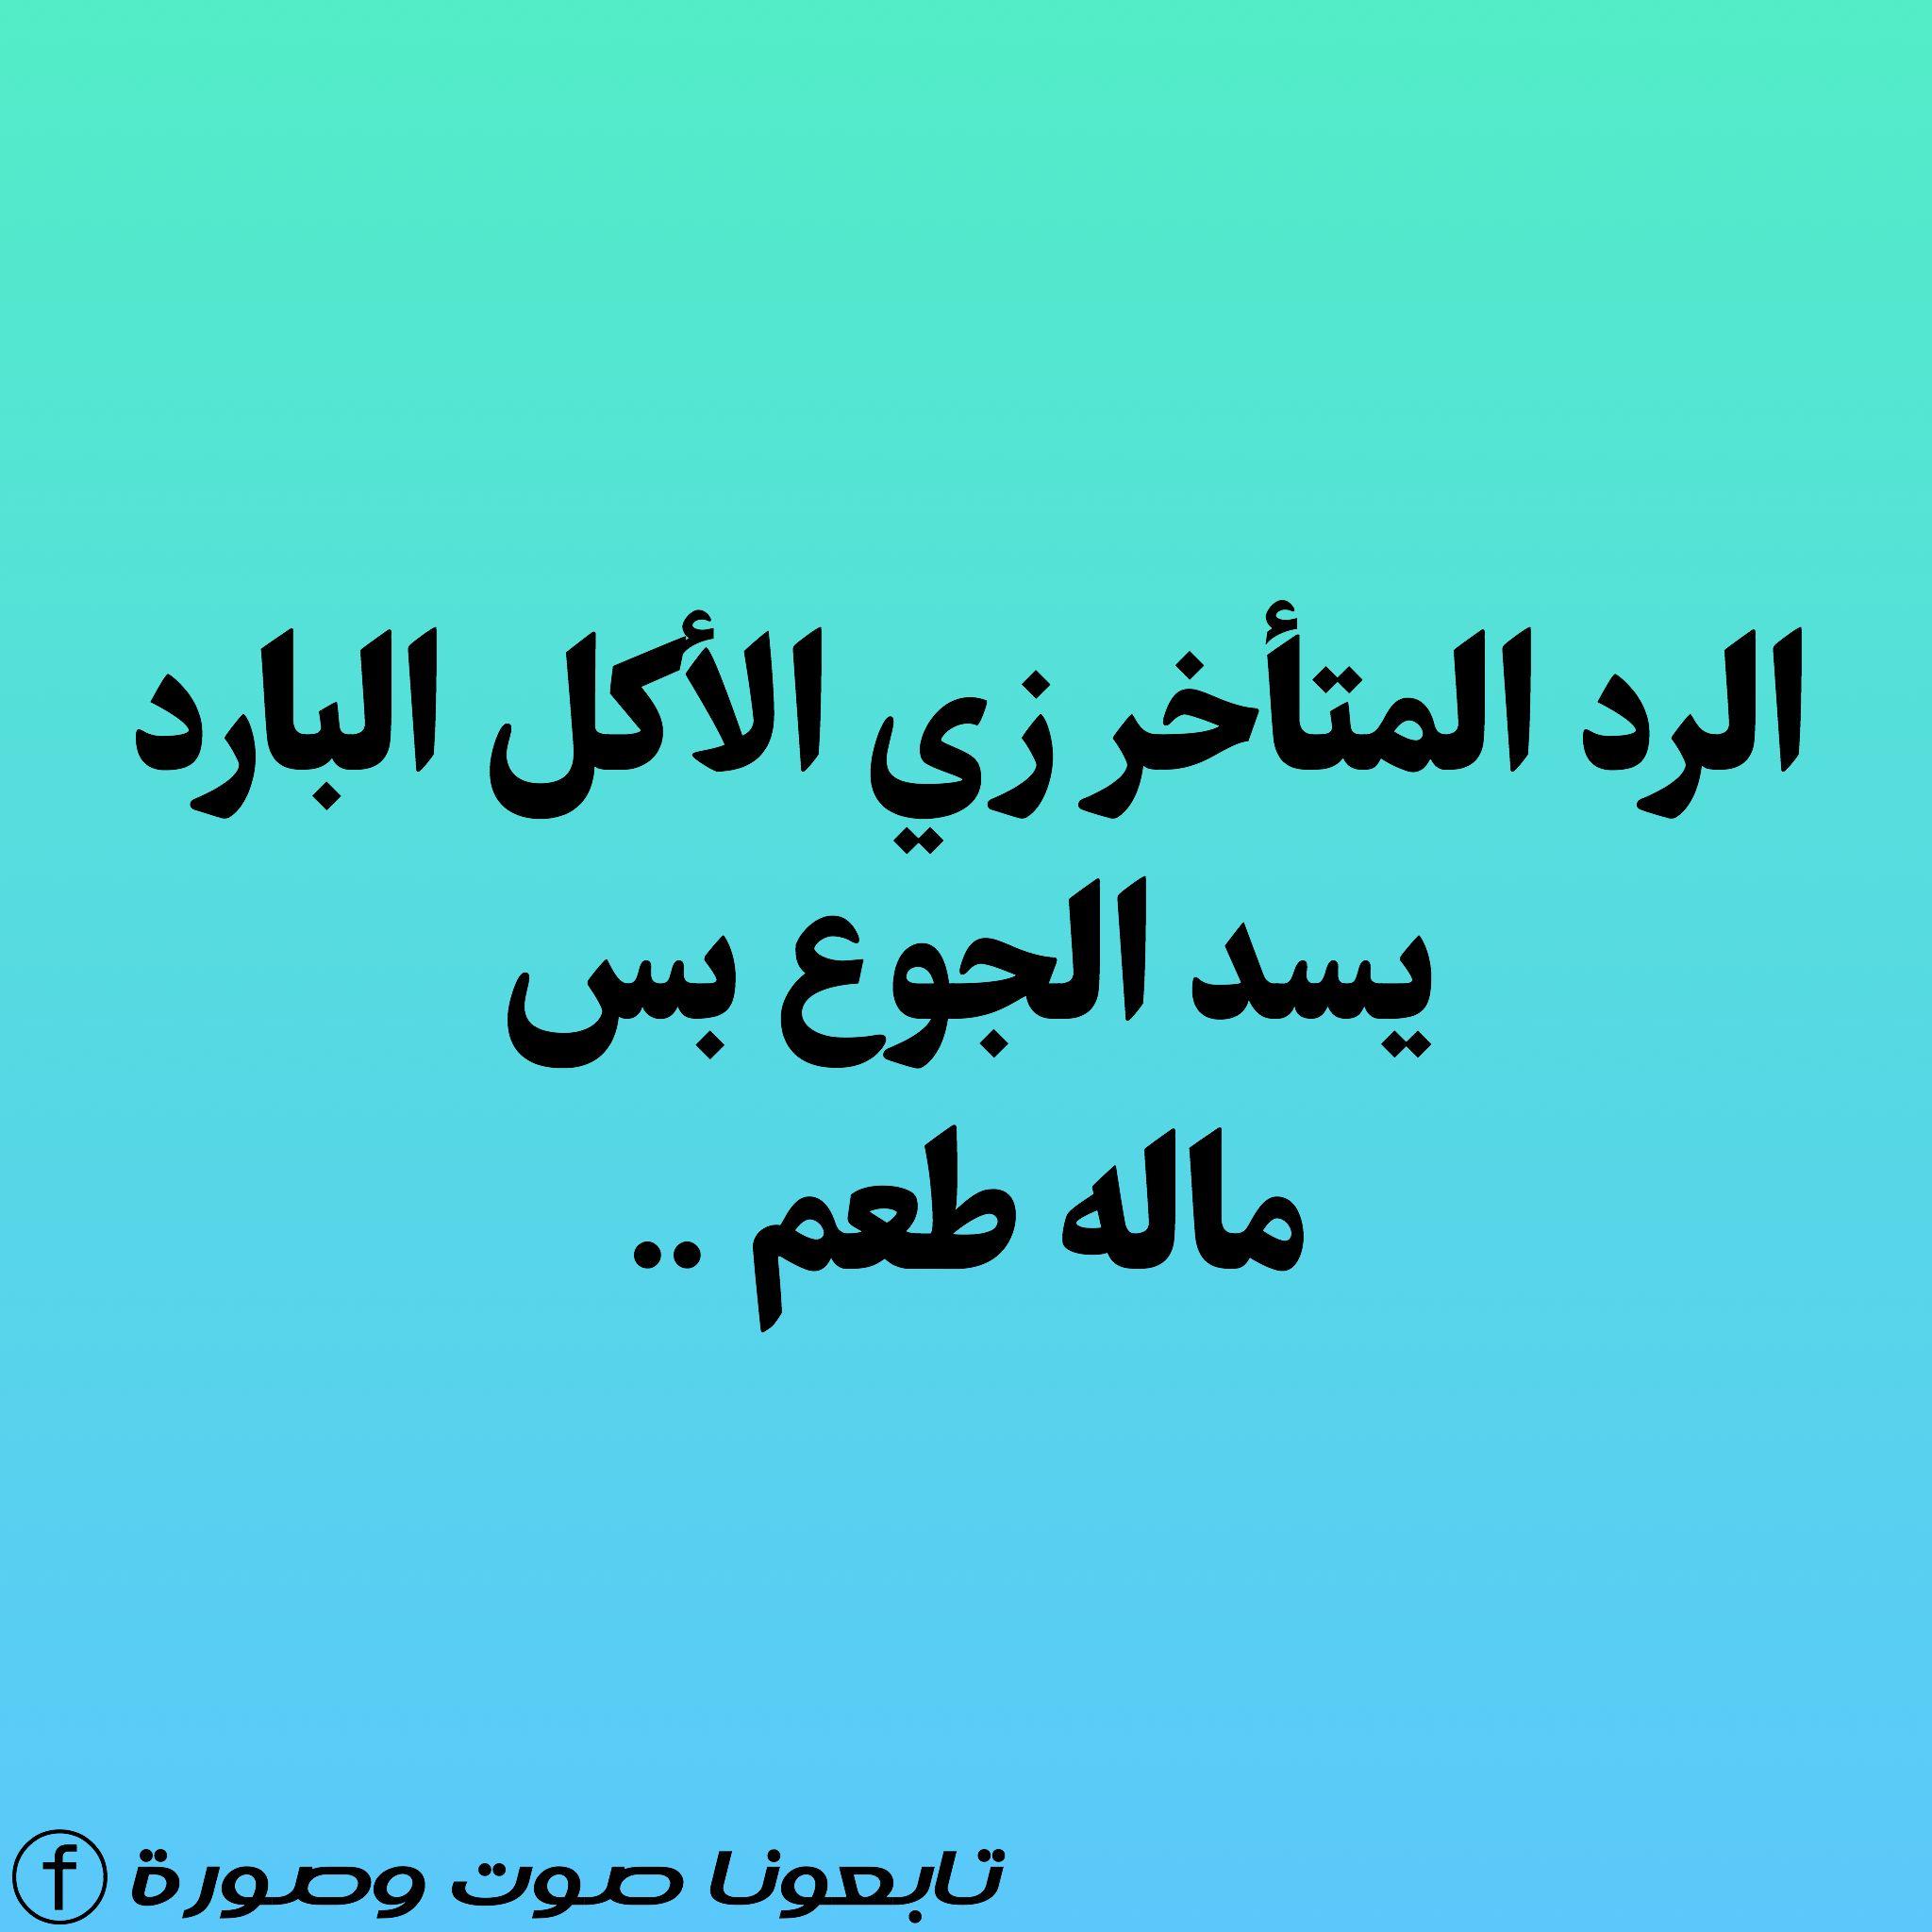 الرد المتأخر مثل الأكل البارد Calligraphy Arabic Calligraphy Everything